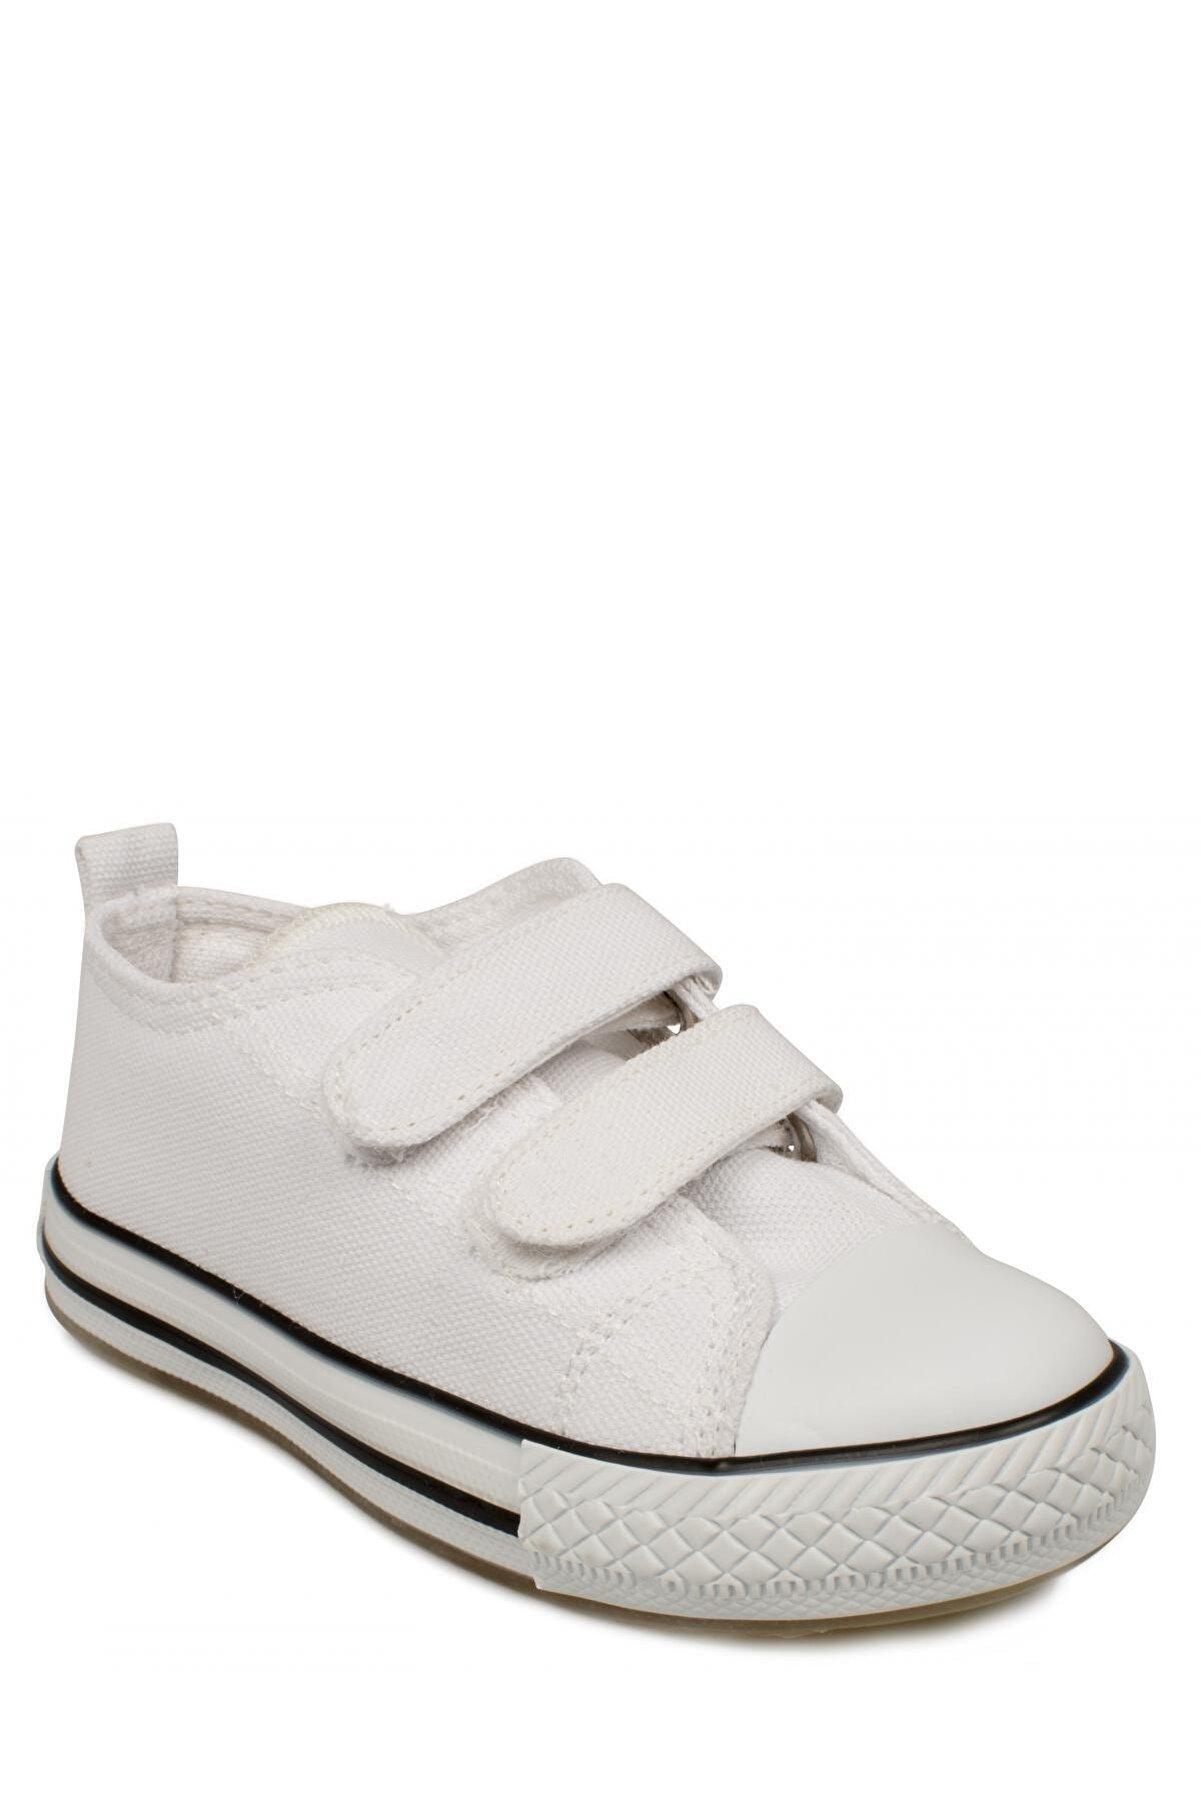 Vicco 925.p20y150 Patik Işıklı Keten Beyaz Çocuk Spor Ayakkabı